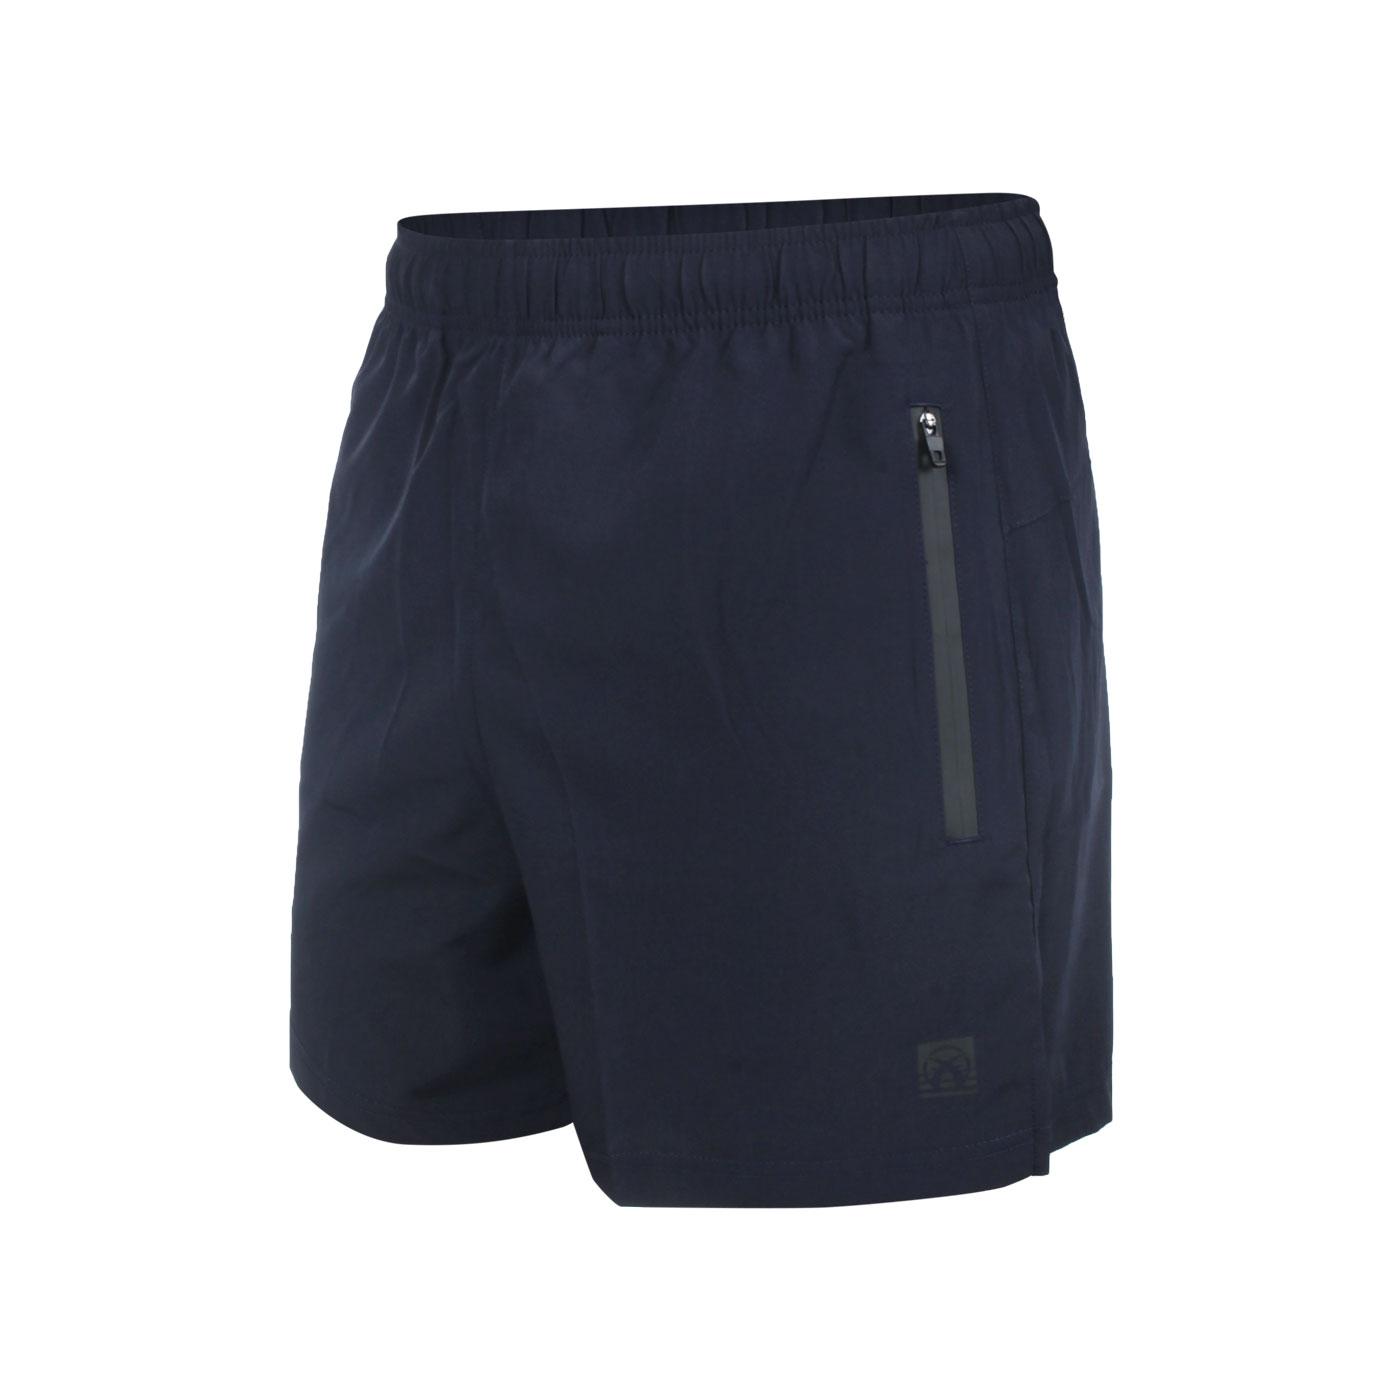 FIRESTAR 男款彈性平織短褲 C1711-93 - 丈青灰